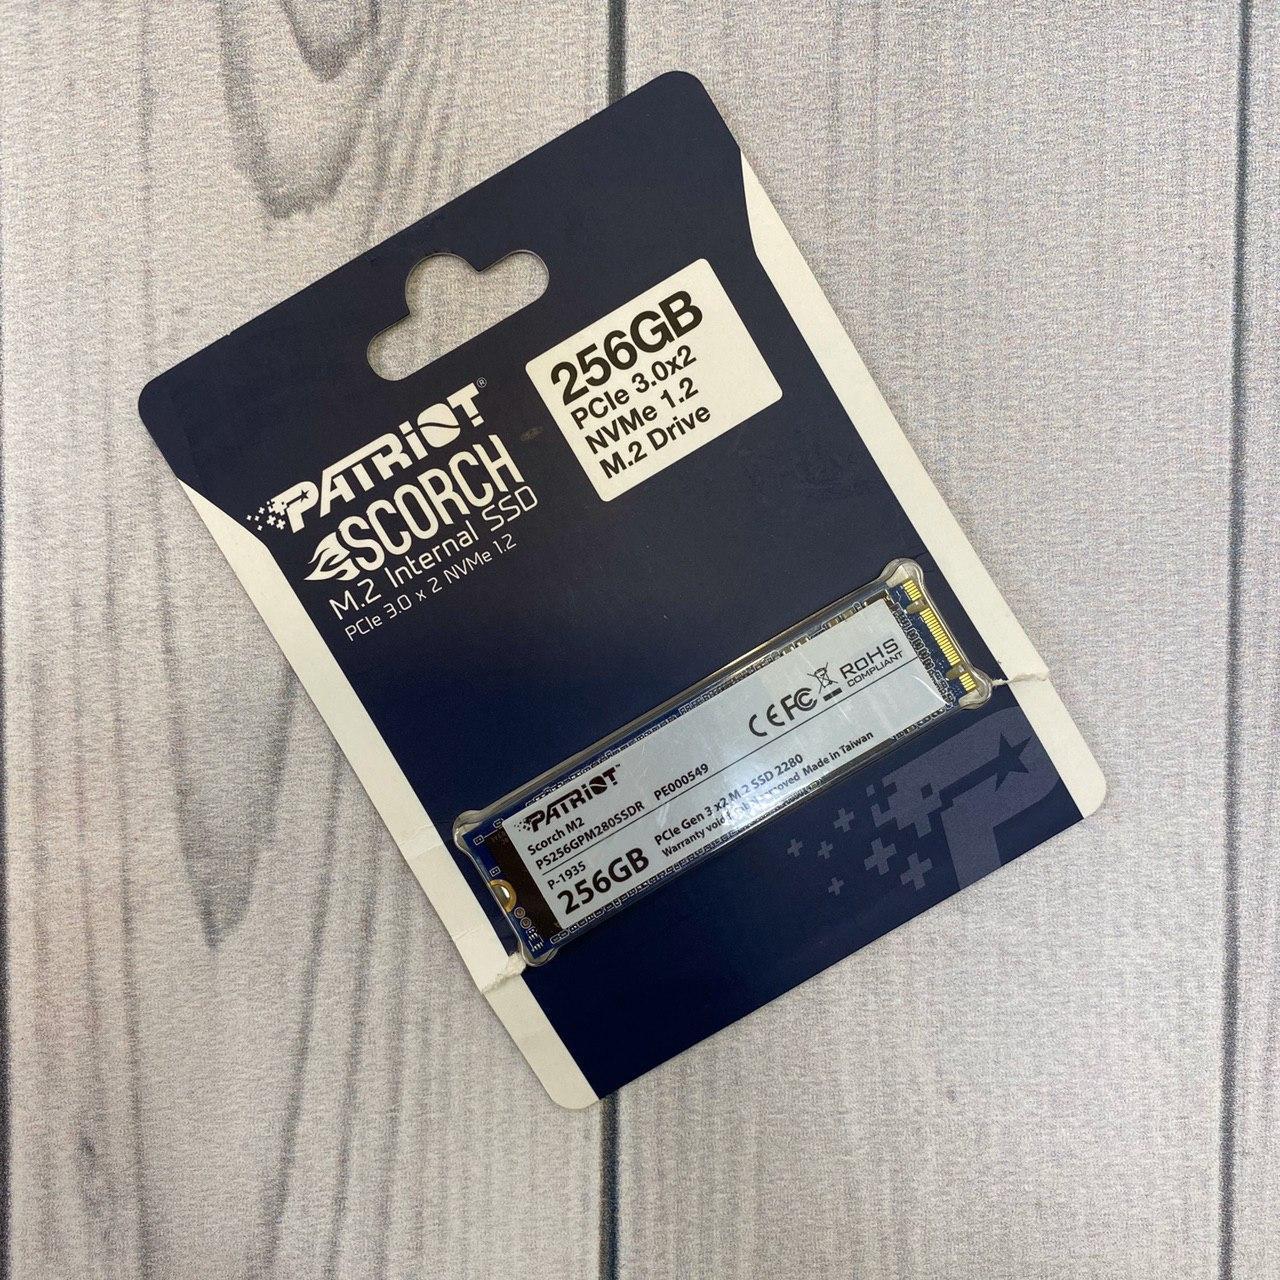 Твердотельный накопитель M.2 (256Gb/ Patriot  /PCI-E 4x/TLS/1700/1700/780MB/s)